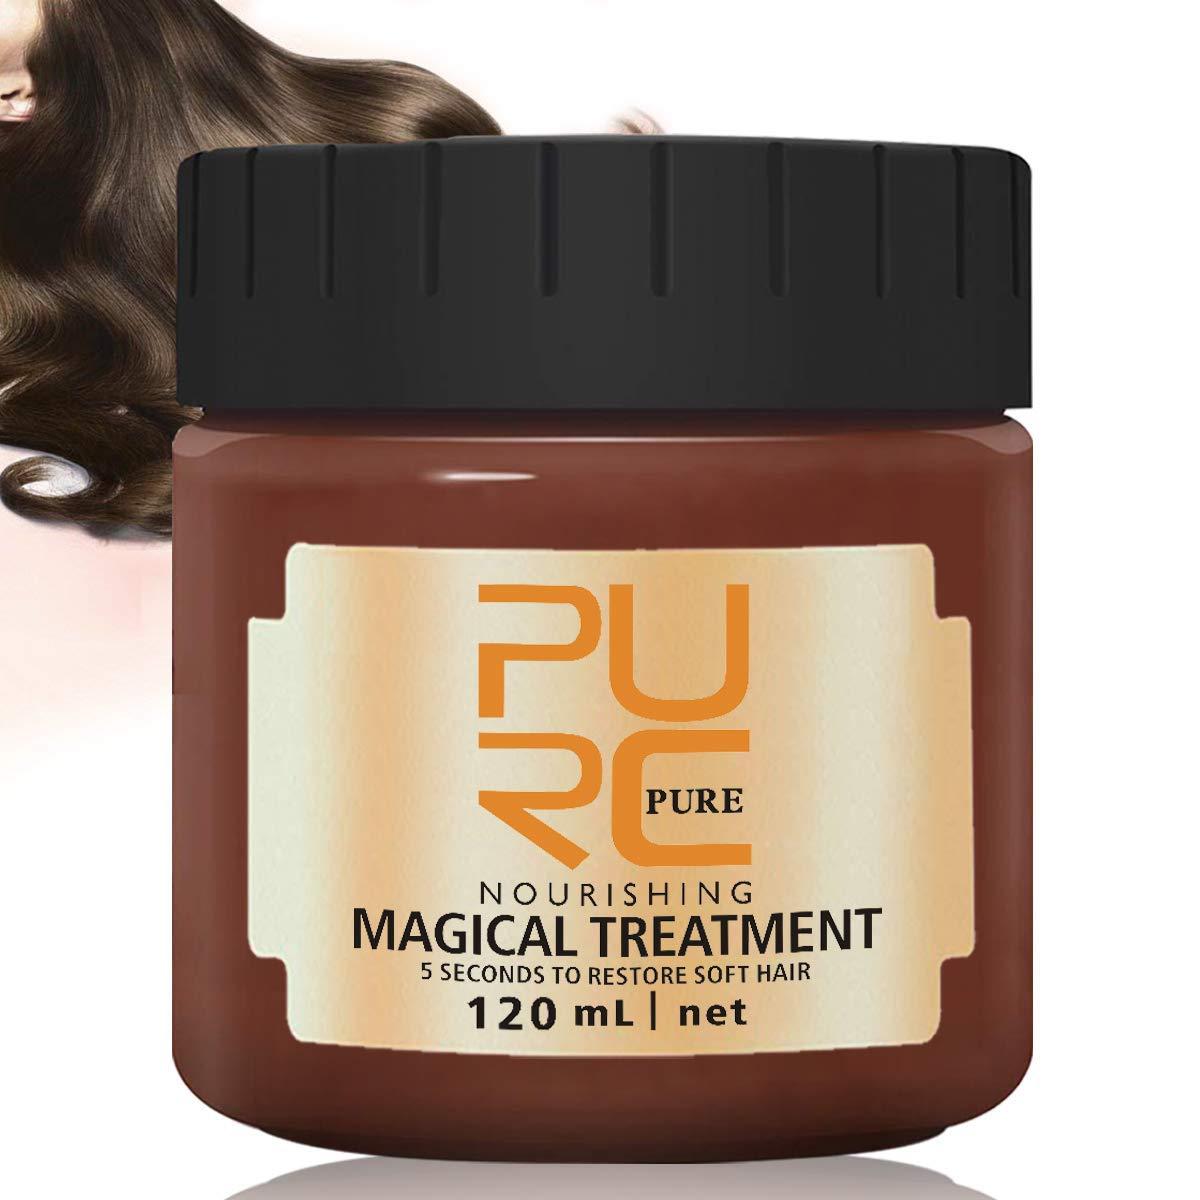 PURC Hair Treatment Mask 120ml, 2019 Magical Hair Mask 5 Seconds Repairs Damage Hair Root Hair Tonic Keratin Hair & Scalp Treatment by Cristalbox